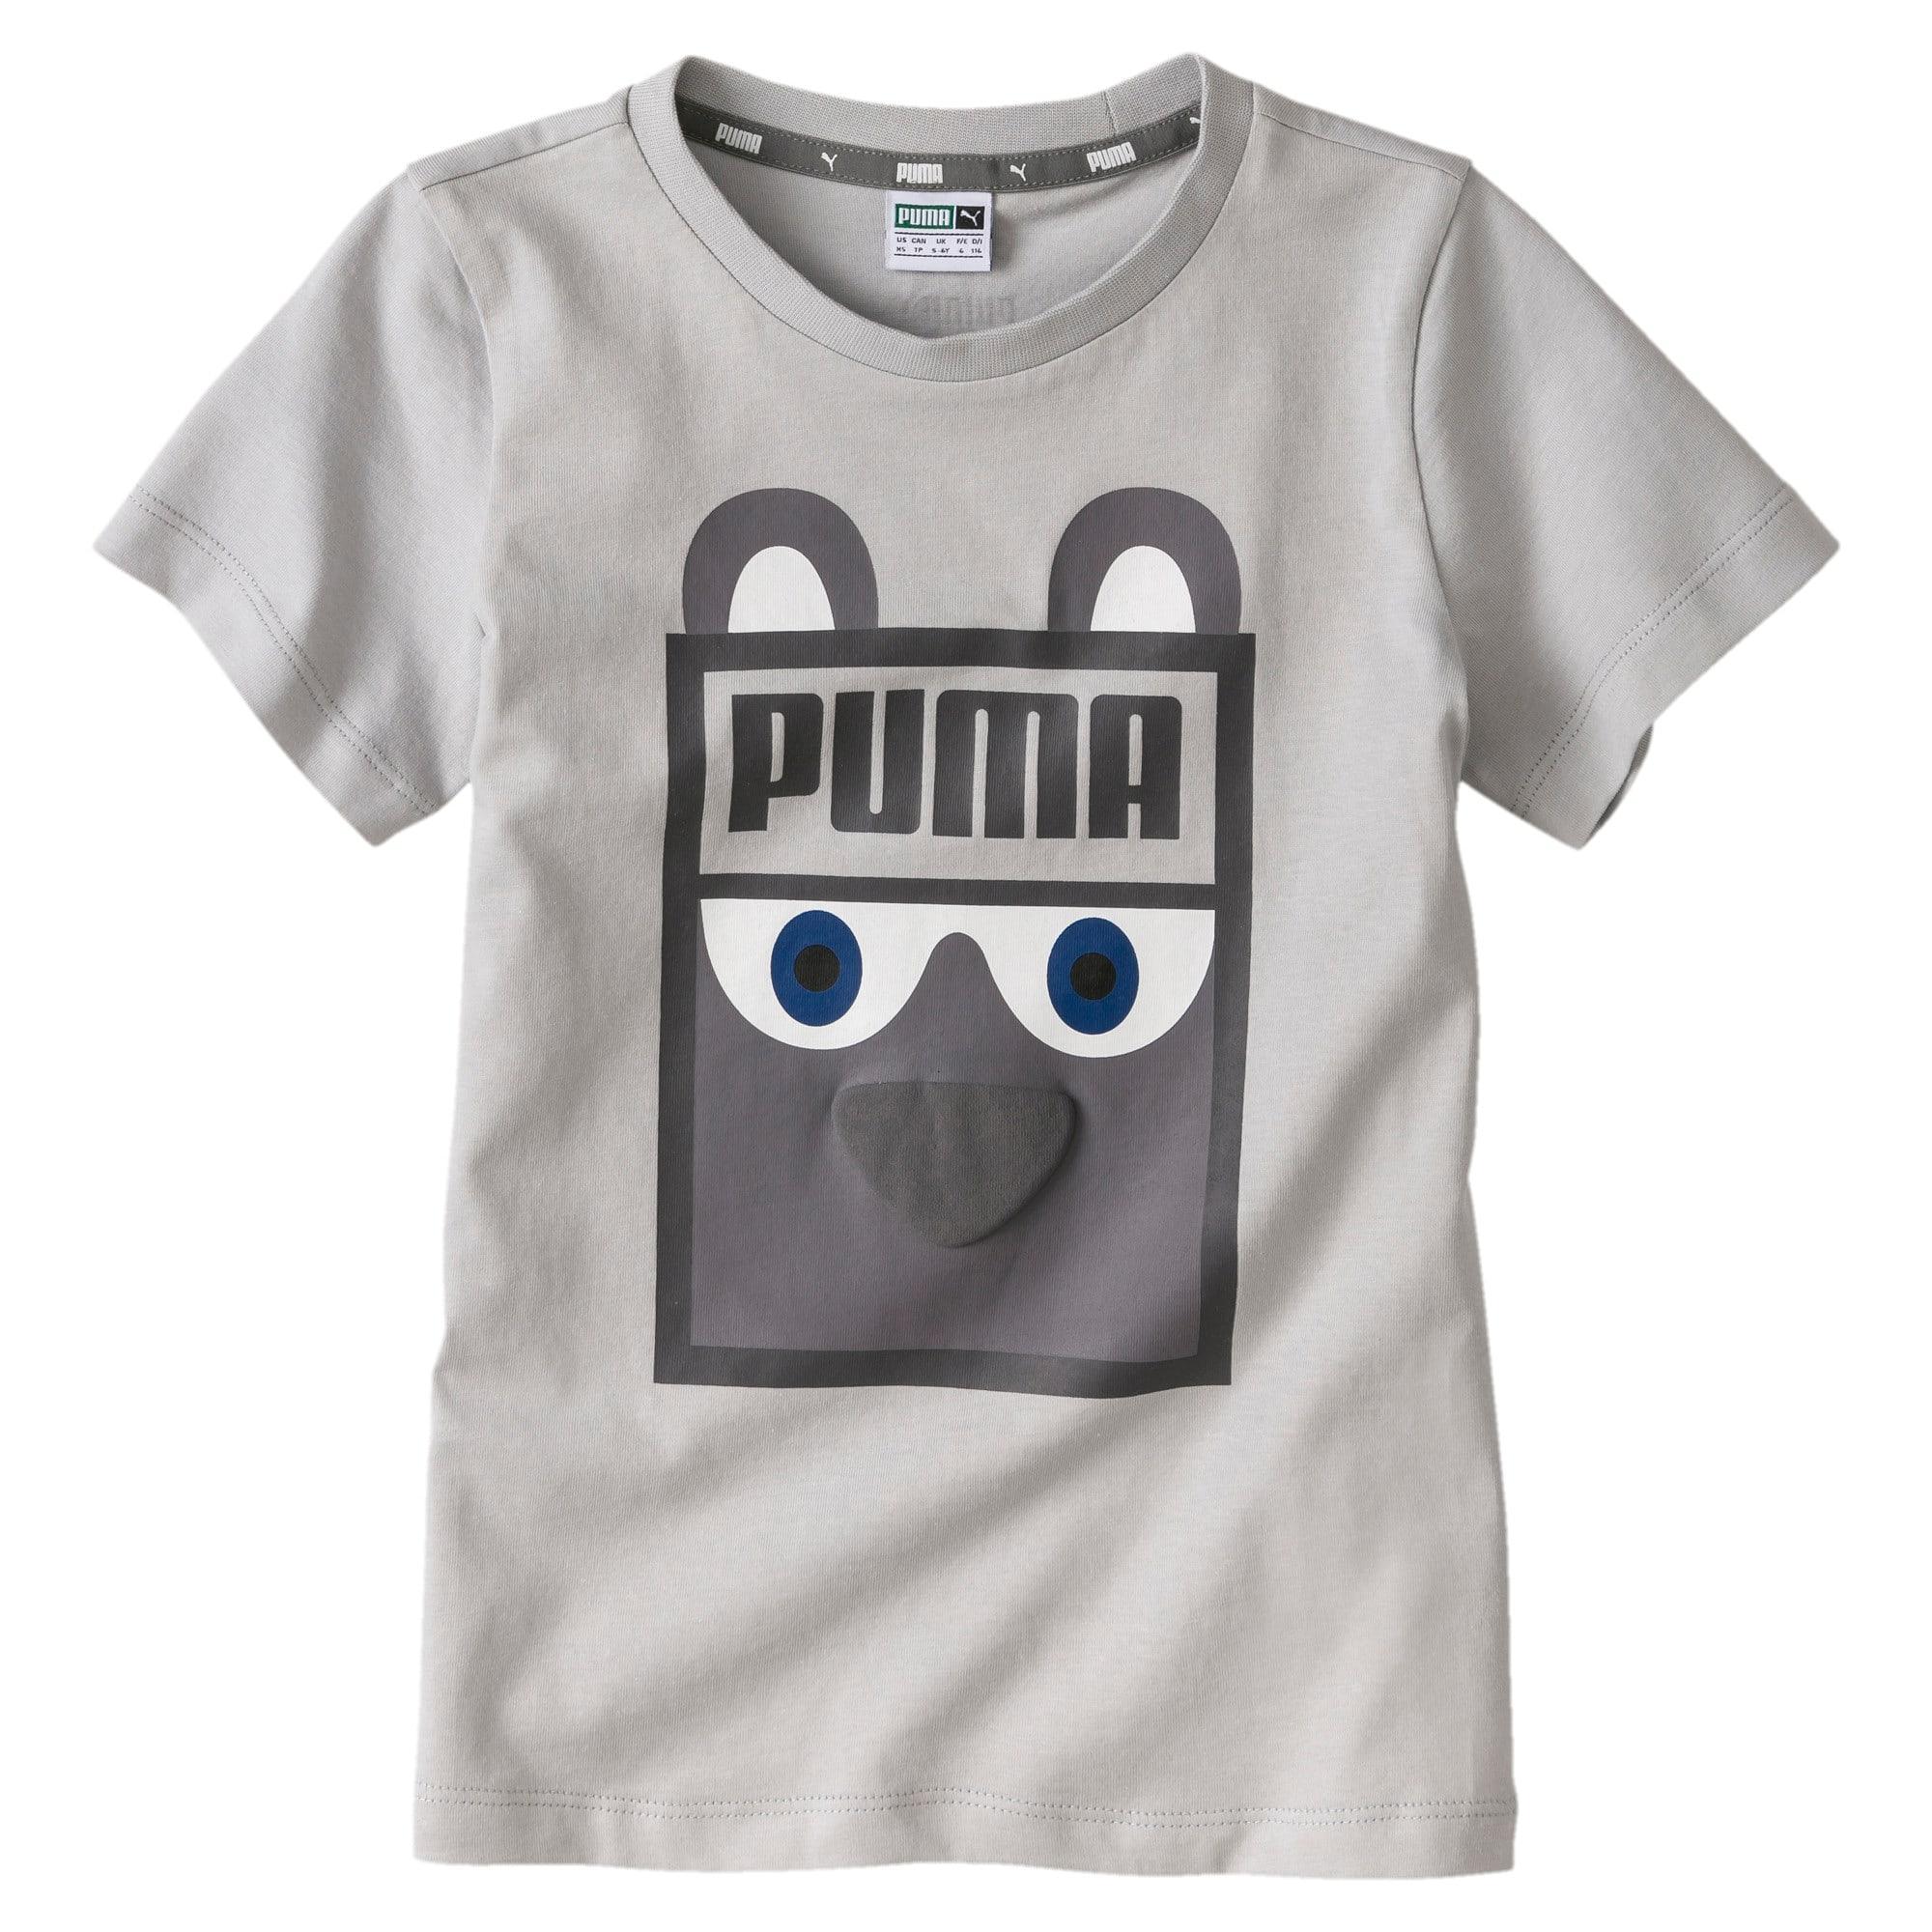 Vignette 1 de T-shirt Monster, nouveau-né + tout-petit, Gratte-ciel, moyen